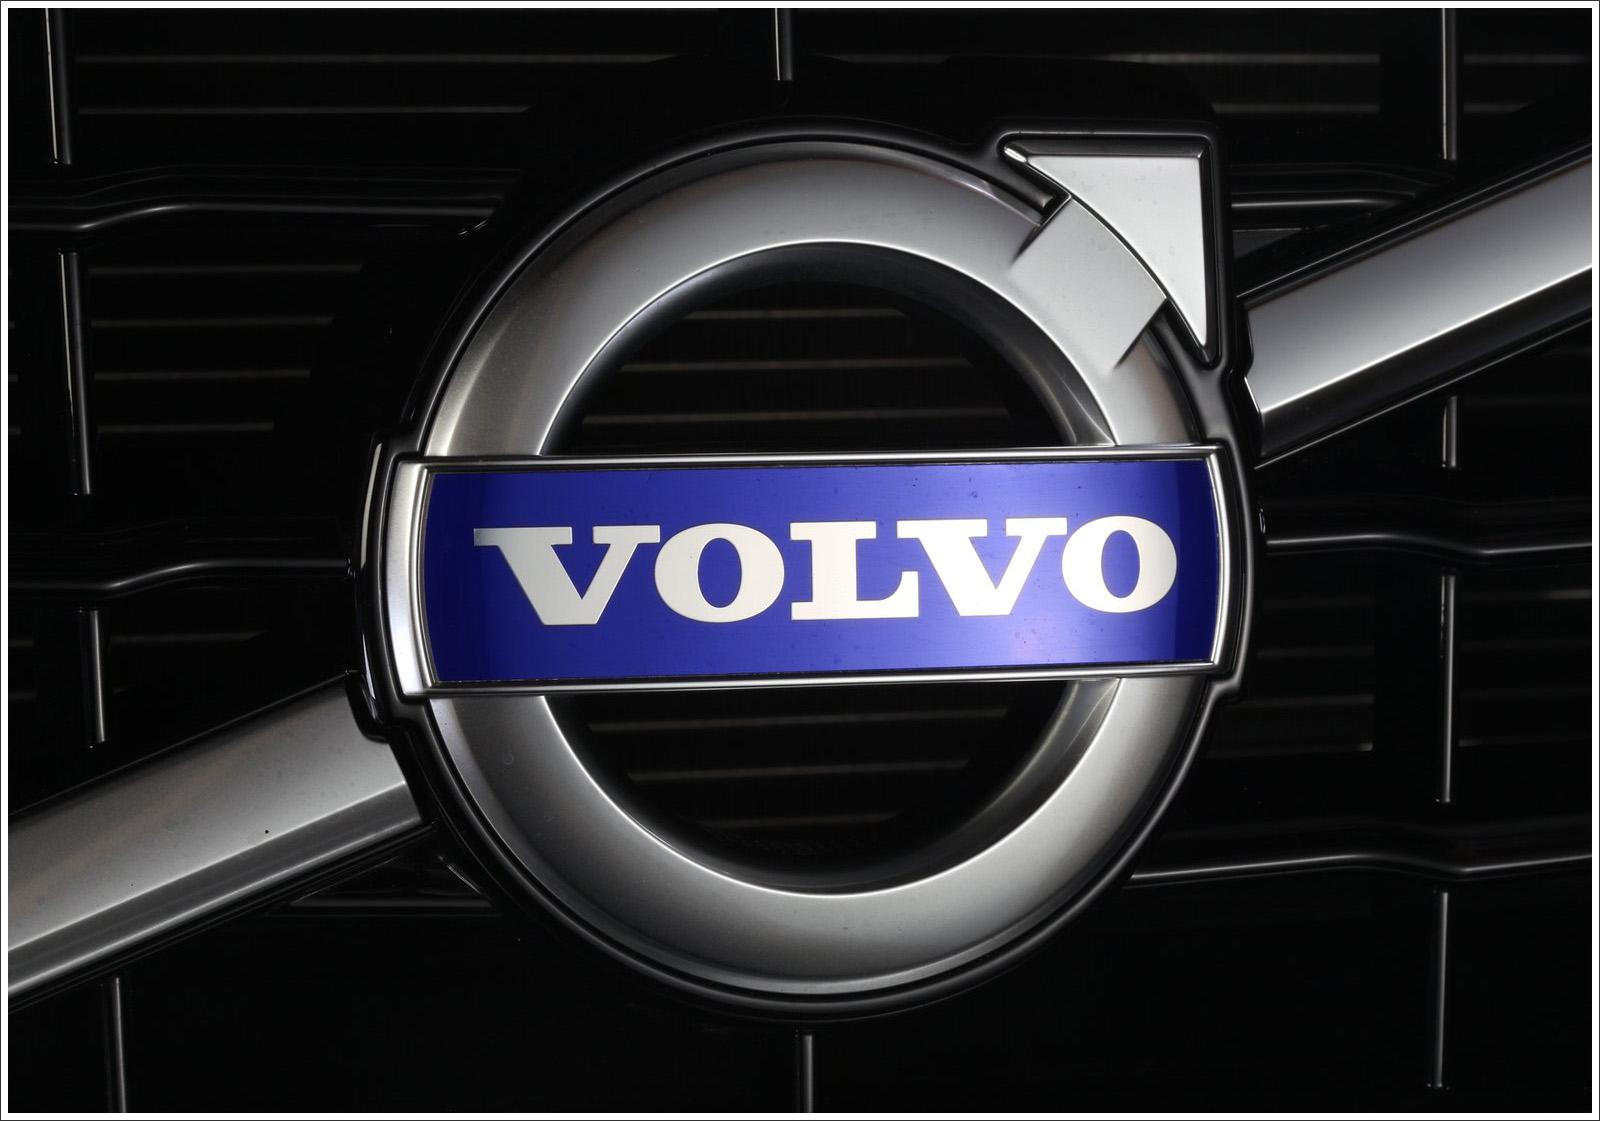 Компания Volvo раскрыла информацию о своем первом электромобиле 1